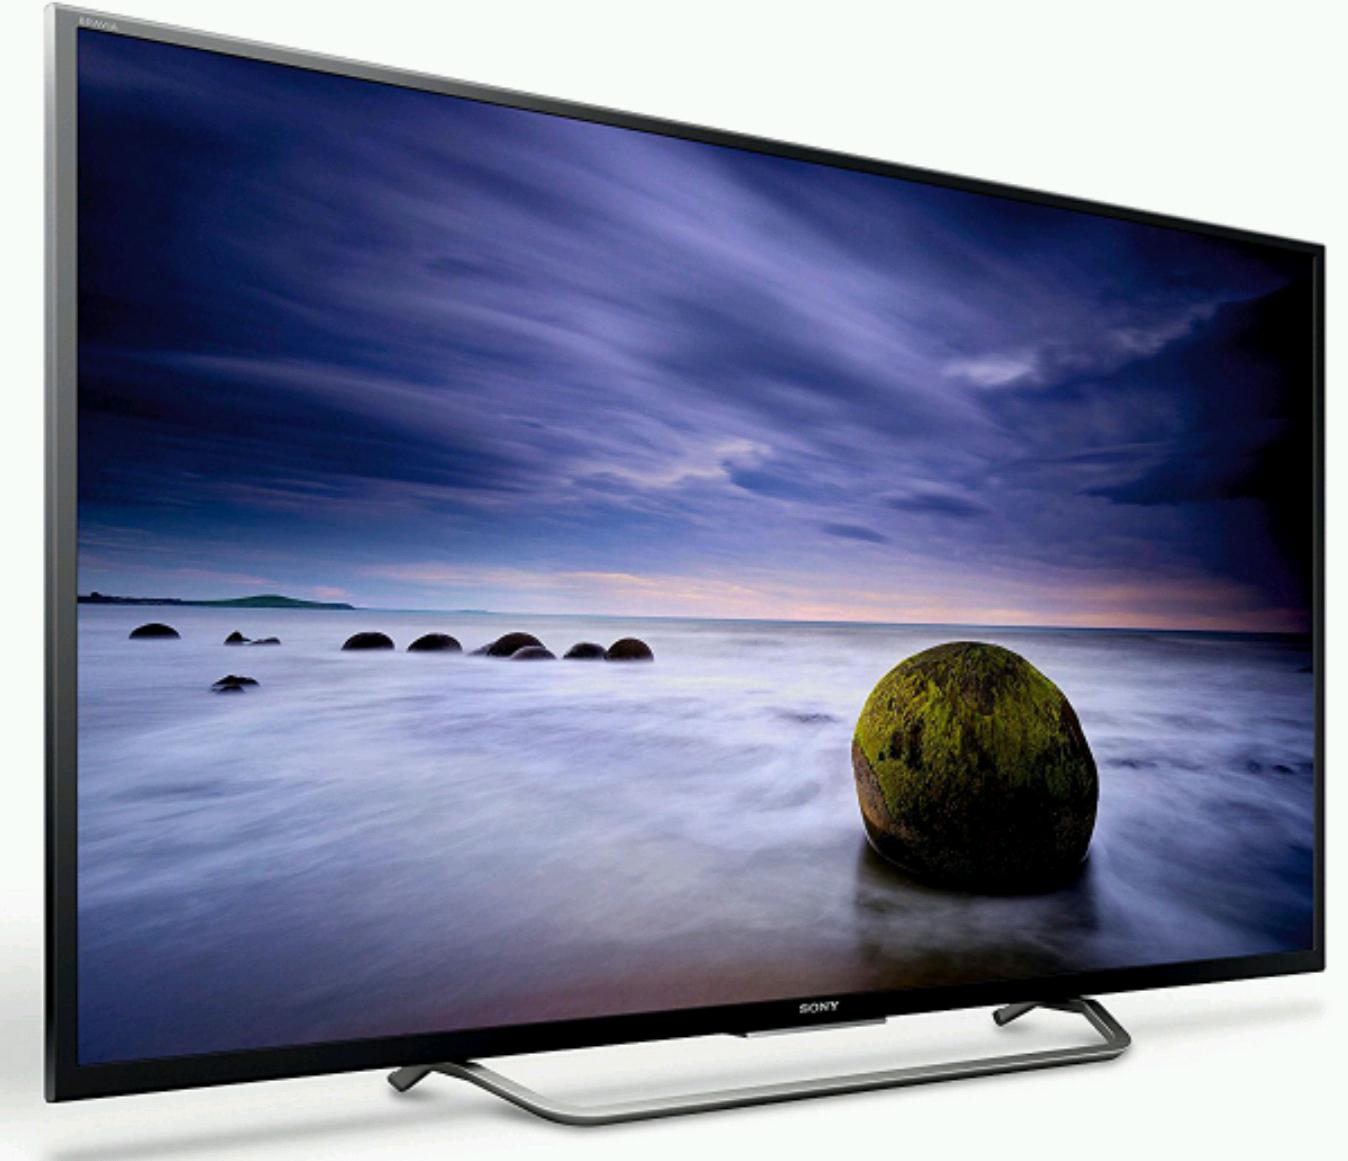 Sony KD-55XD7005 bei Amazon.de//Verkauf und Versand durch Amazon